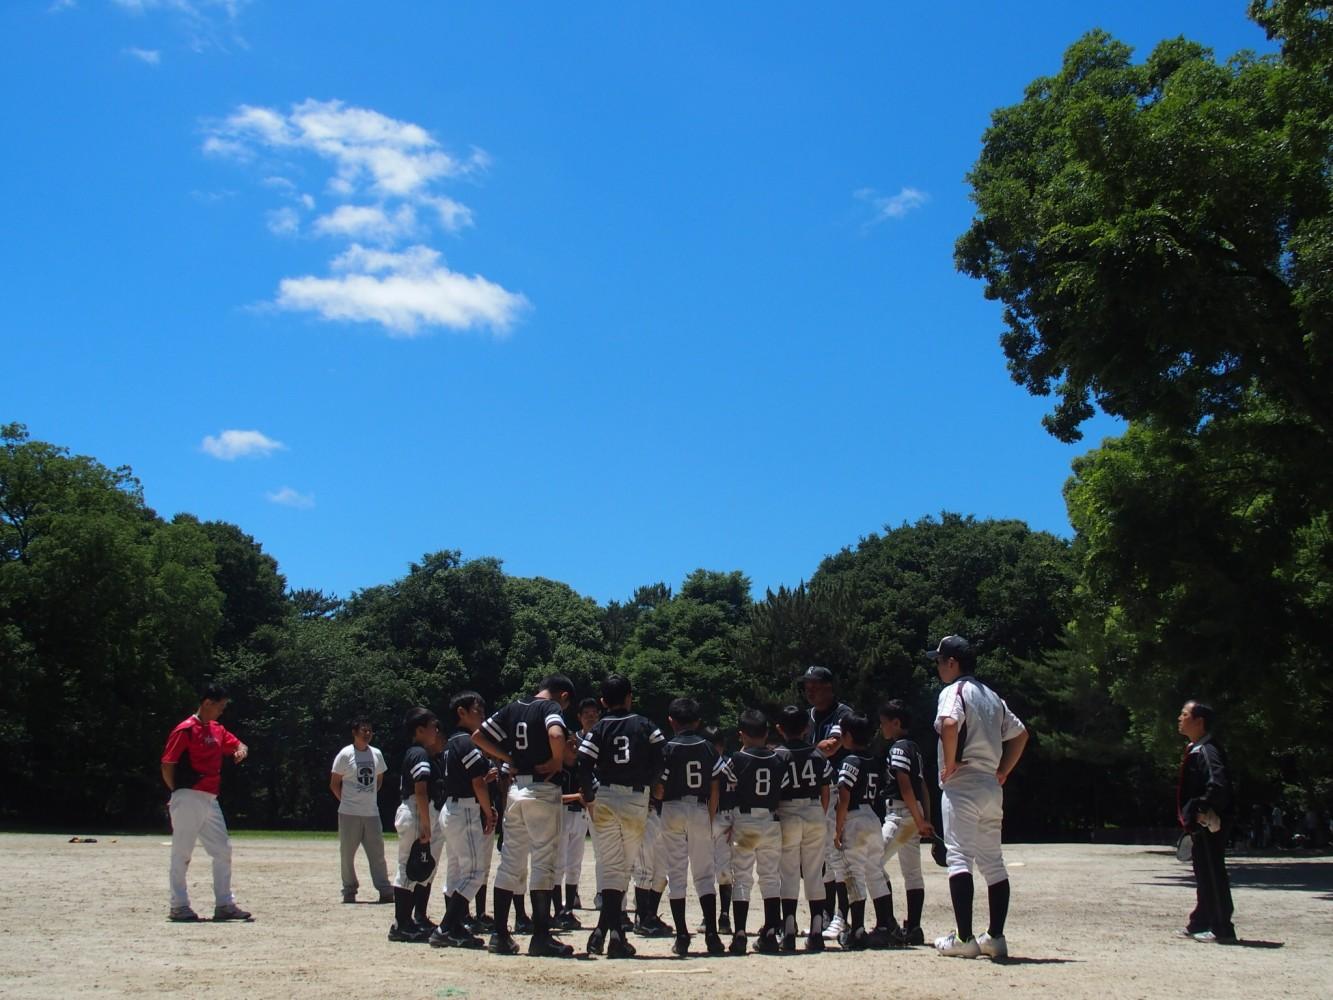 ランダウンプレーと3人のキャッチャーと塁審講習